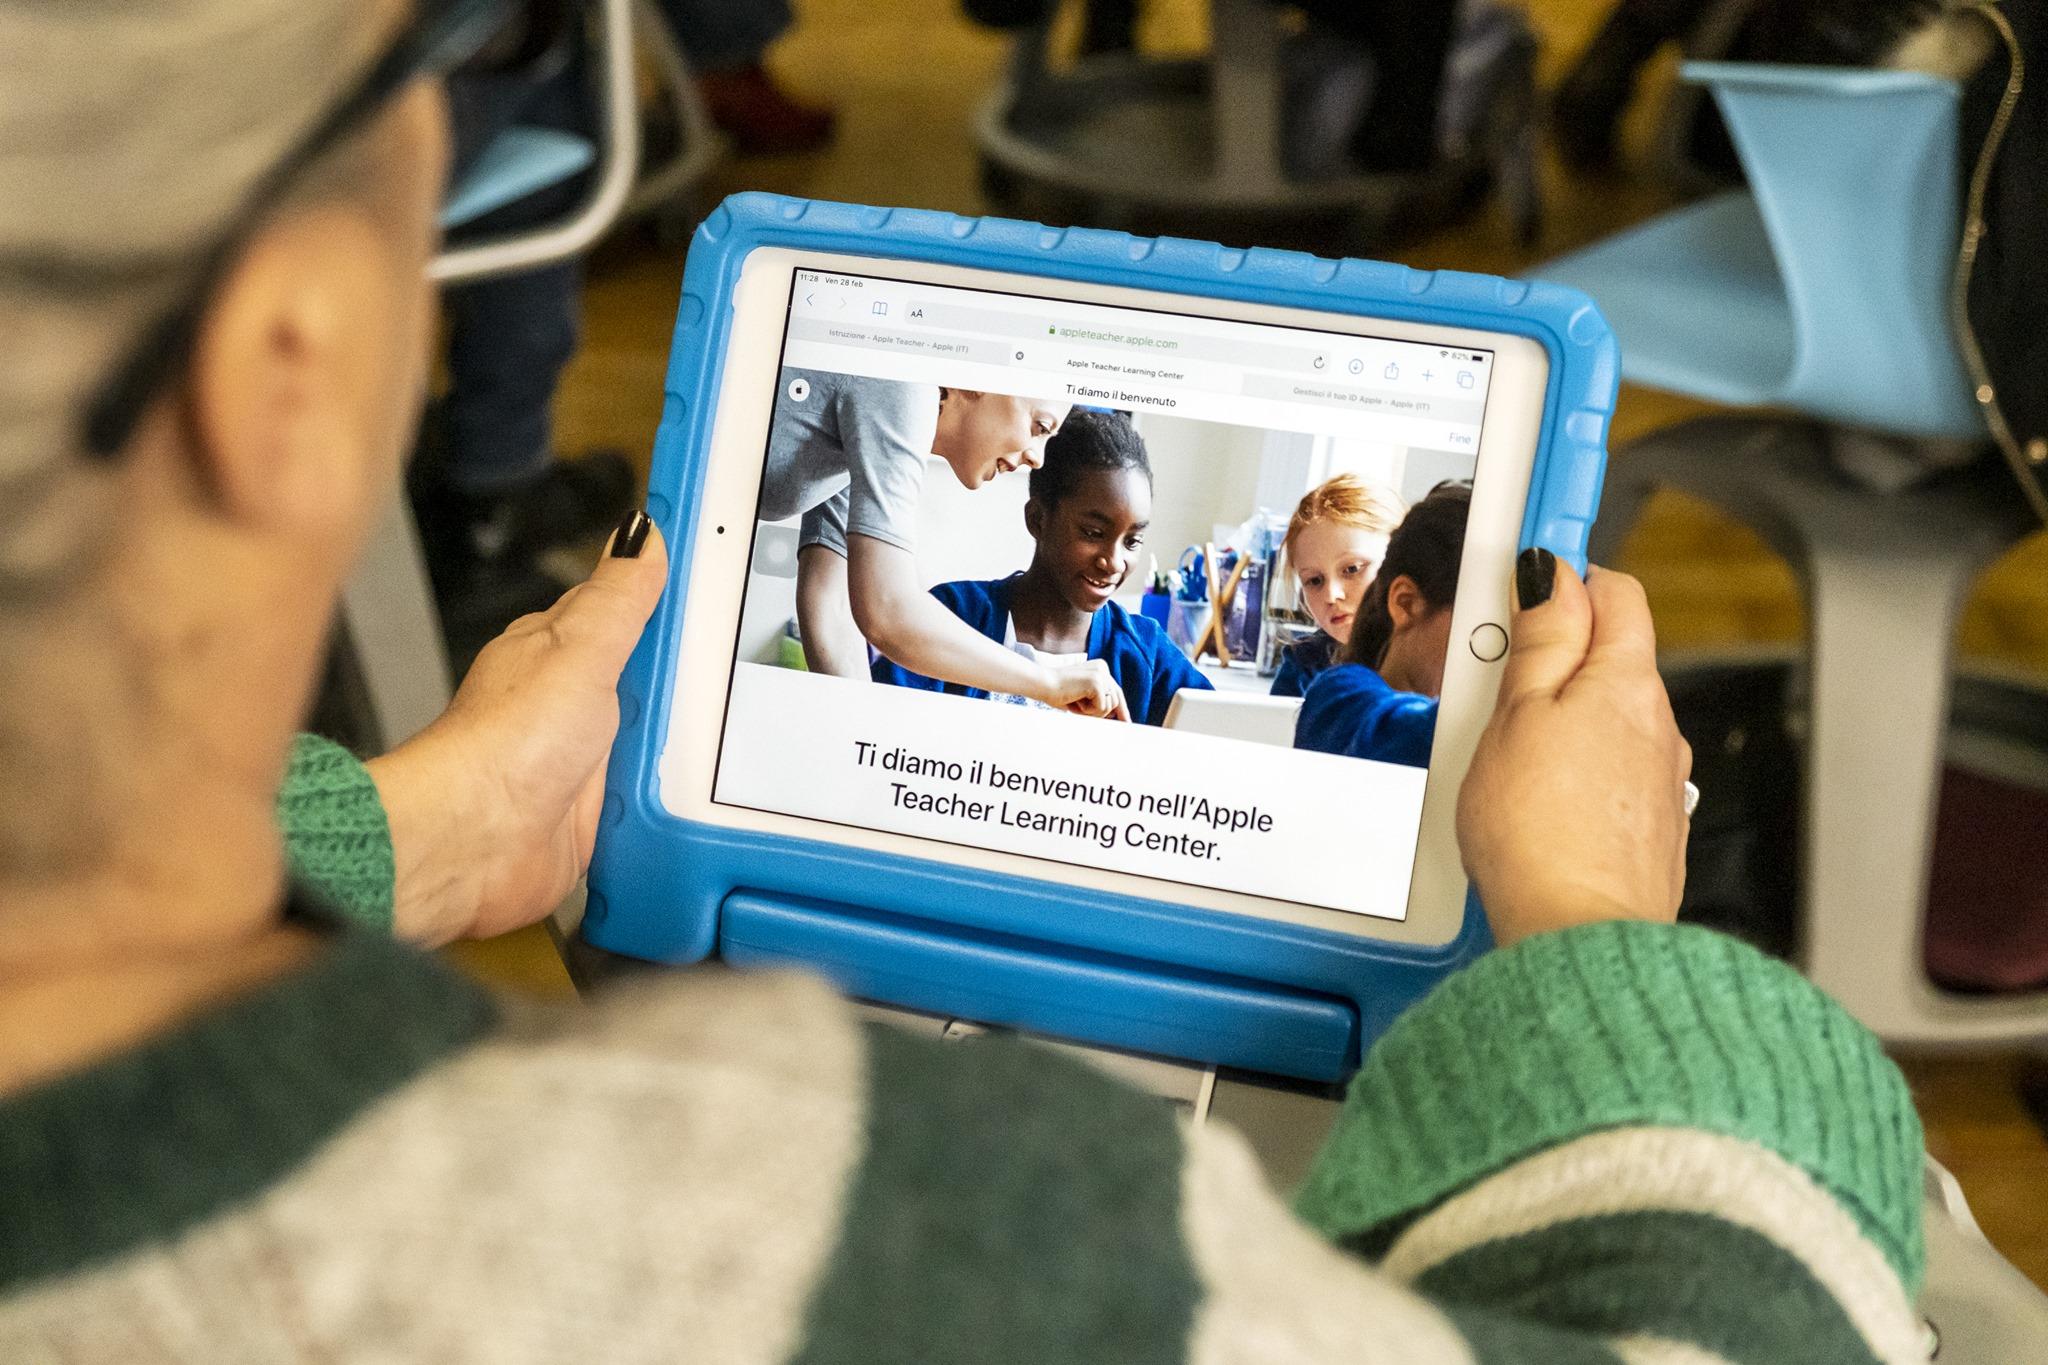 Iscriviti ad Apple Teacher e ottieni l'accesso gratuito ai webinar di Pearson!